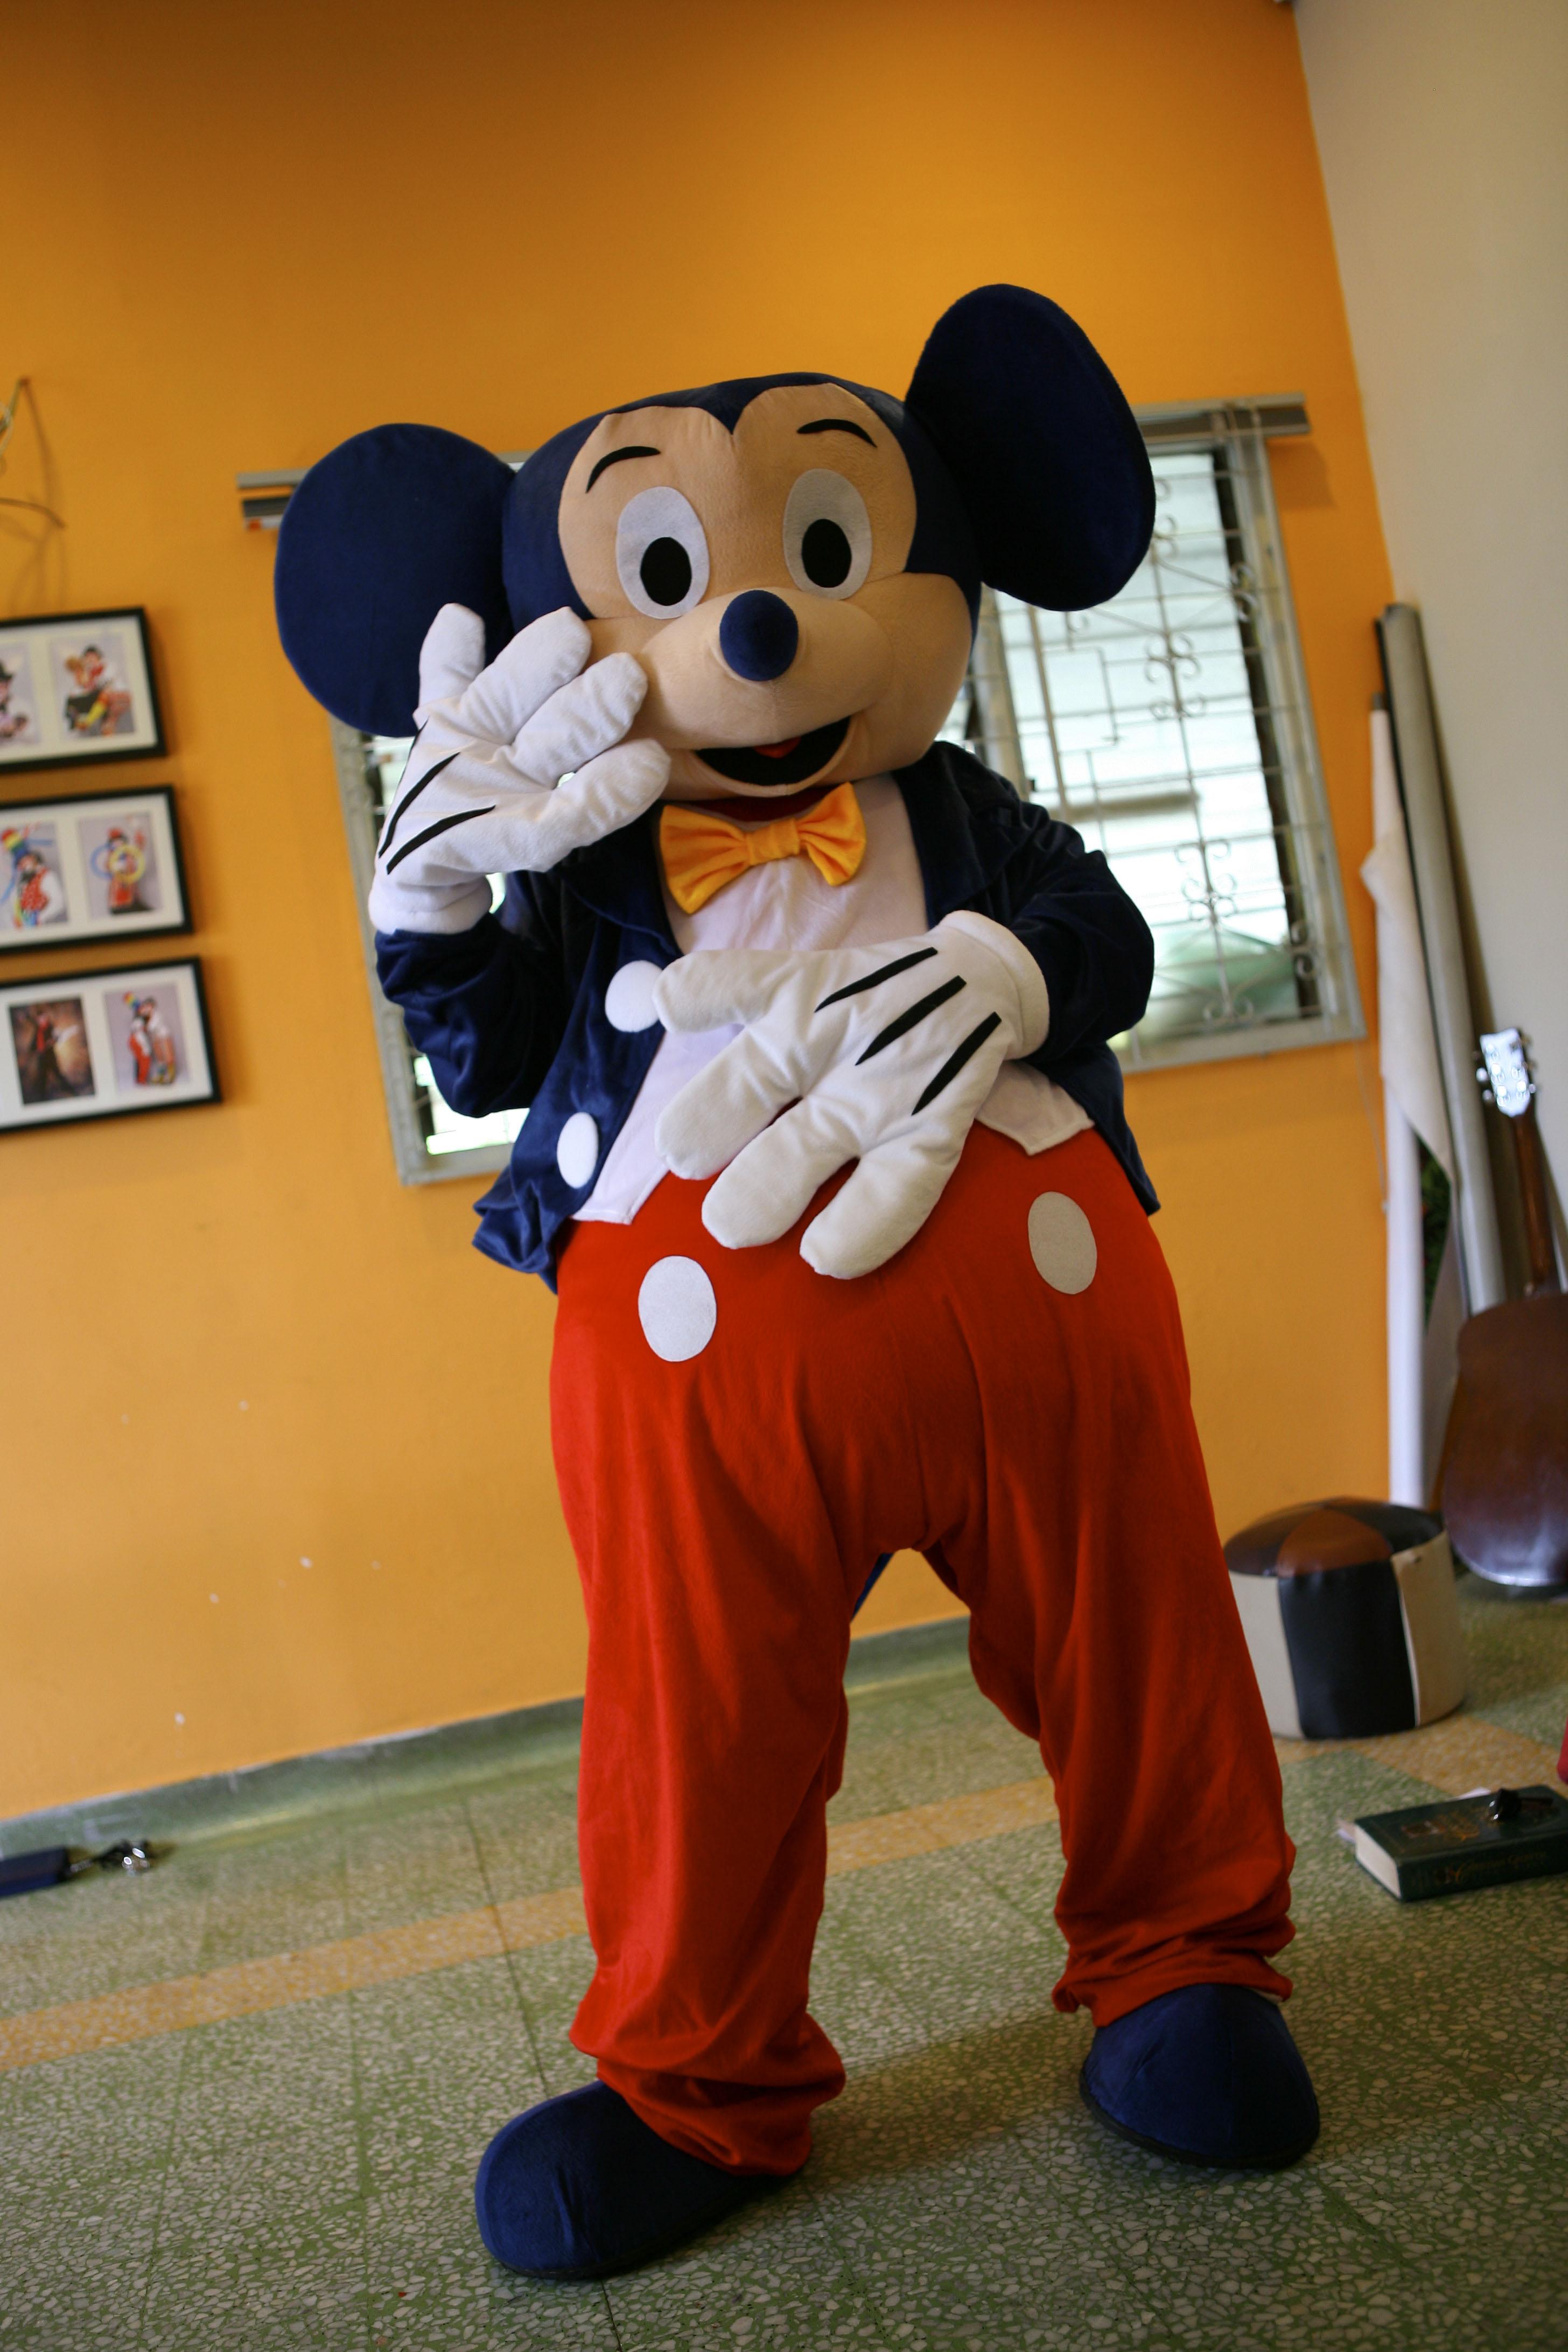 Mouse micky